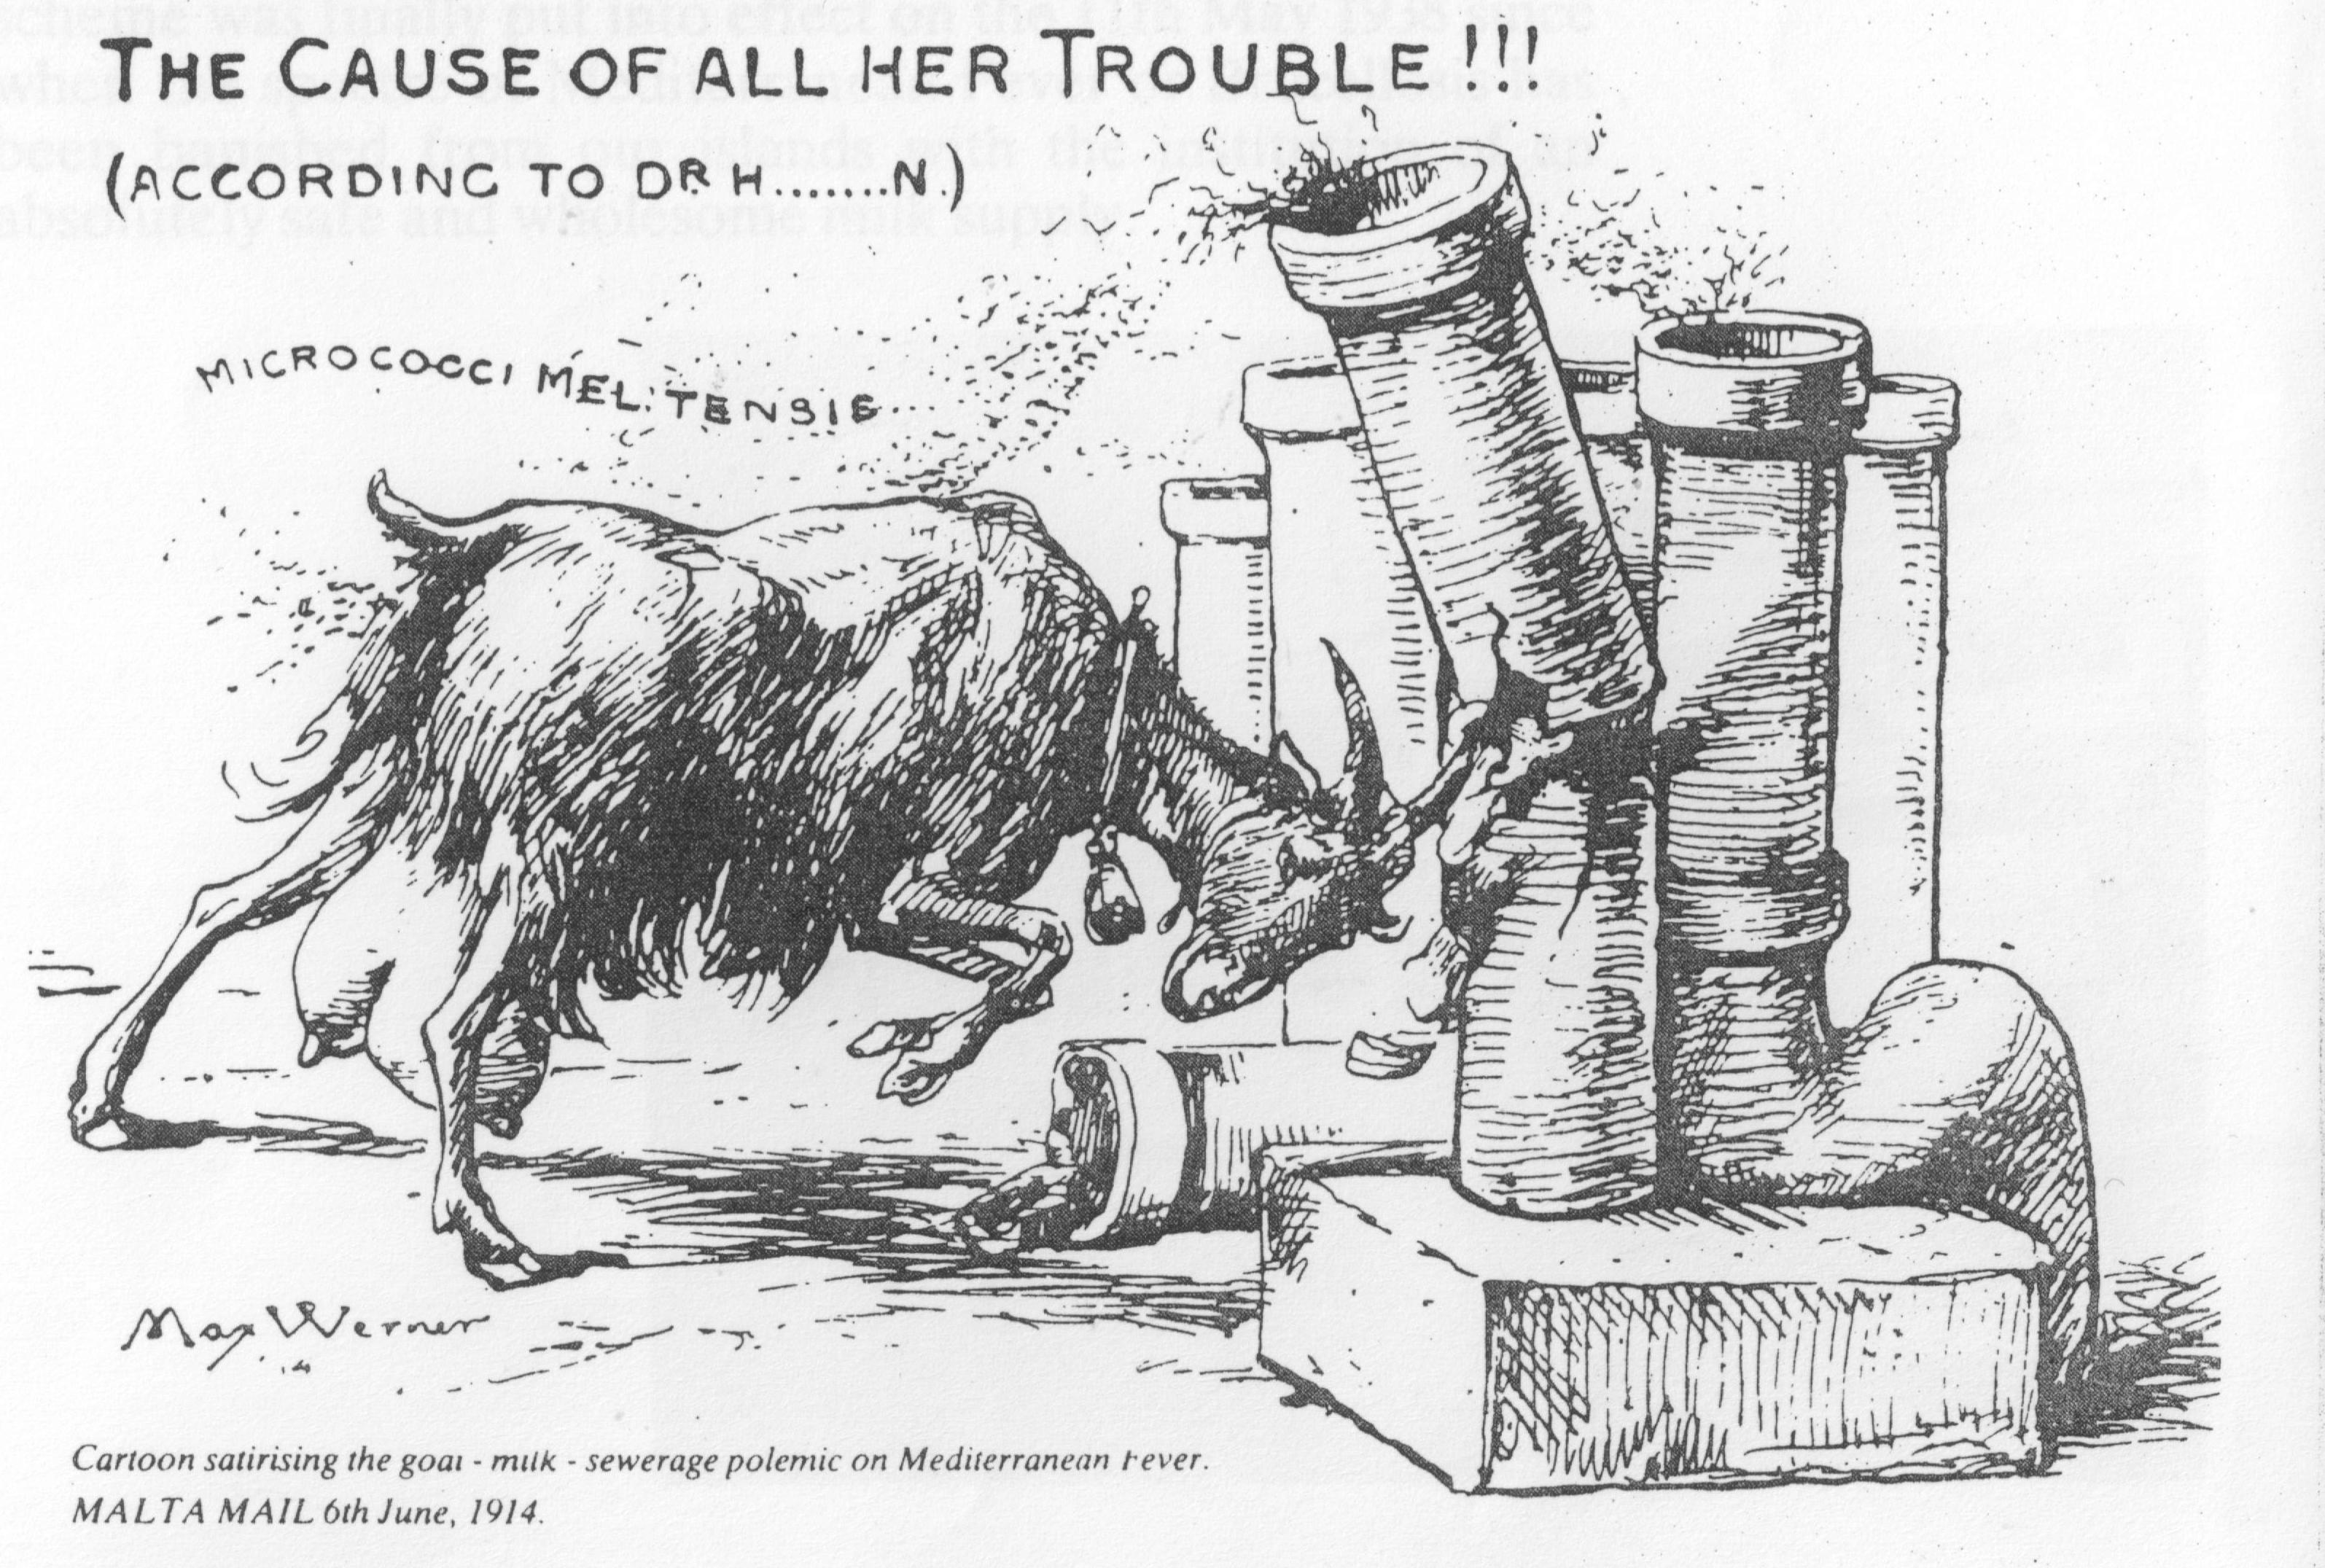 Disinn li gie ppubblikat fil-Malta Mail tas-6 ta' Gunju 1914.jpg